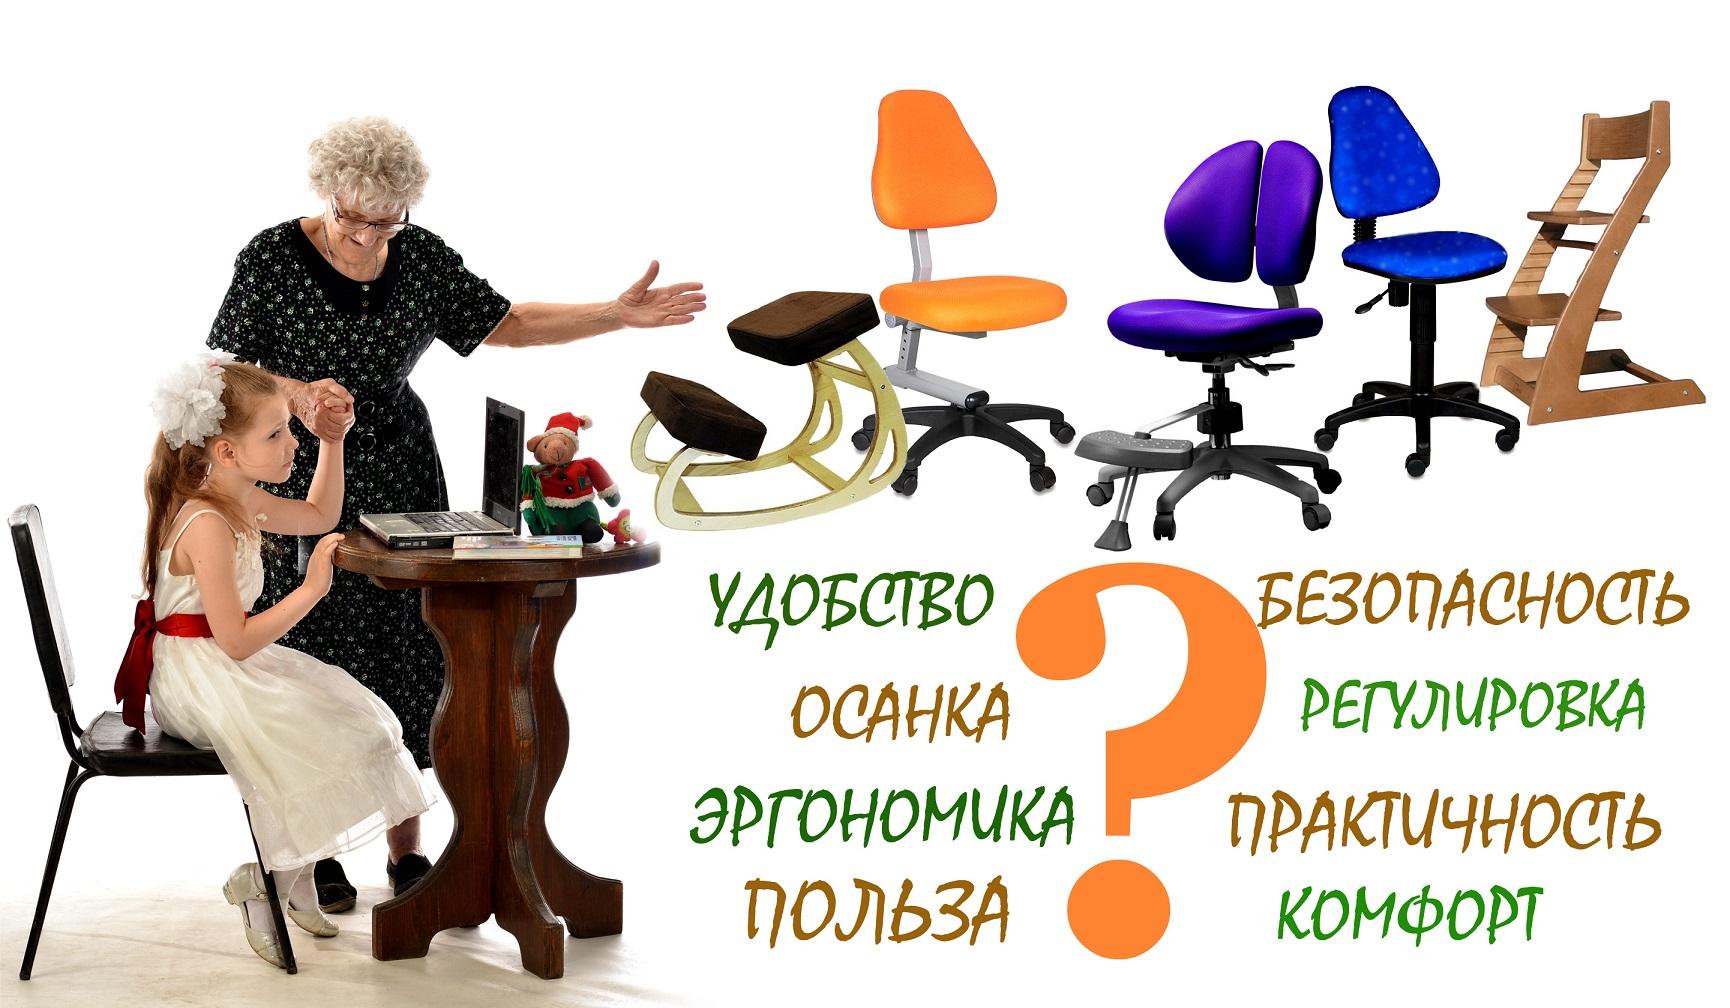 Какой стул для школьника будет  удобен и комфортен и полезен для ребенка?  Какой  стул больше подойдет ребенку, если он подолгу сидит за письменным столом?  На каком стуле ребенок будет сидеть правильно, чтобы не портилась осанка?  Спинка у стула для школьника. Польза или вред. Что лучше: анатомическая спинка  или полное отсутствие?    Когда ребенок долго делает уроки,отвлекается, что делать?   Спинка у стула для школьника: Вред или польза. Что лучше для сохранения комфорта и правильной осанки ребенка: анатомическая спинка или её отсутствие?